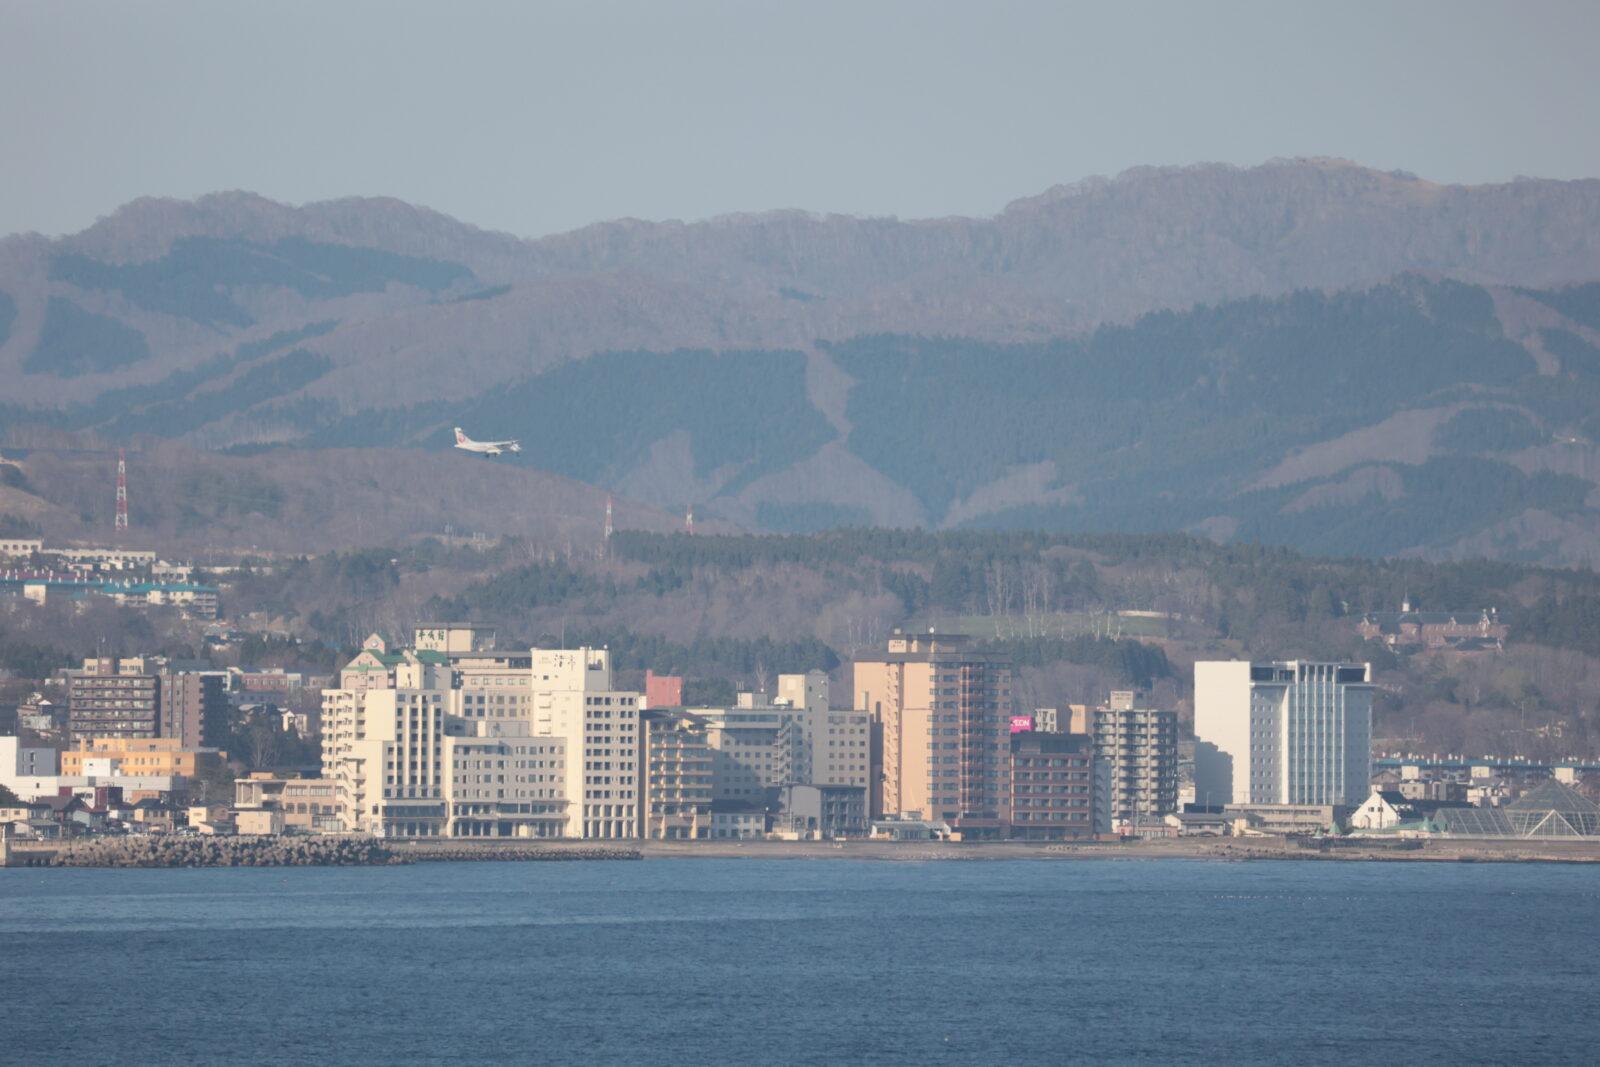 函館市街地を飛ぶ小型プロペラ機の様子